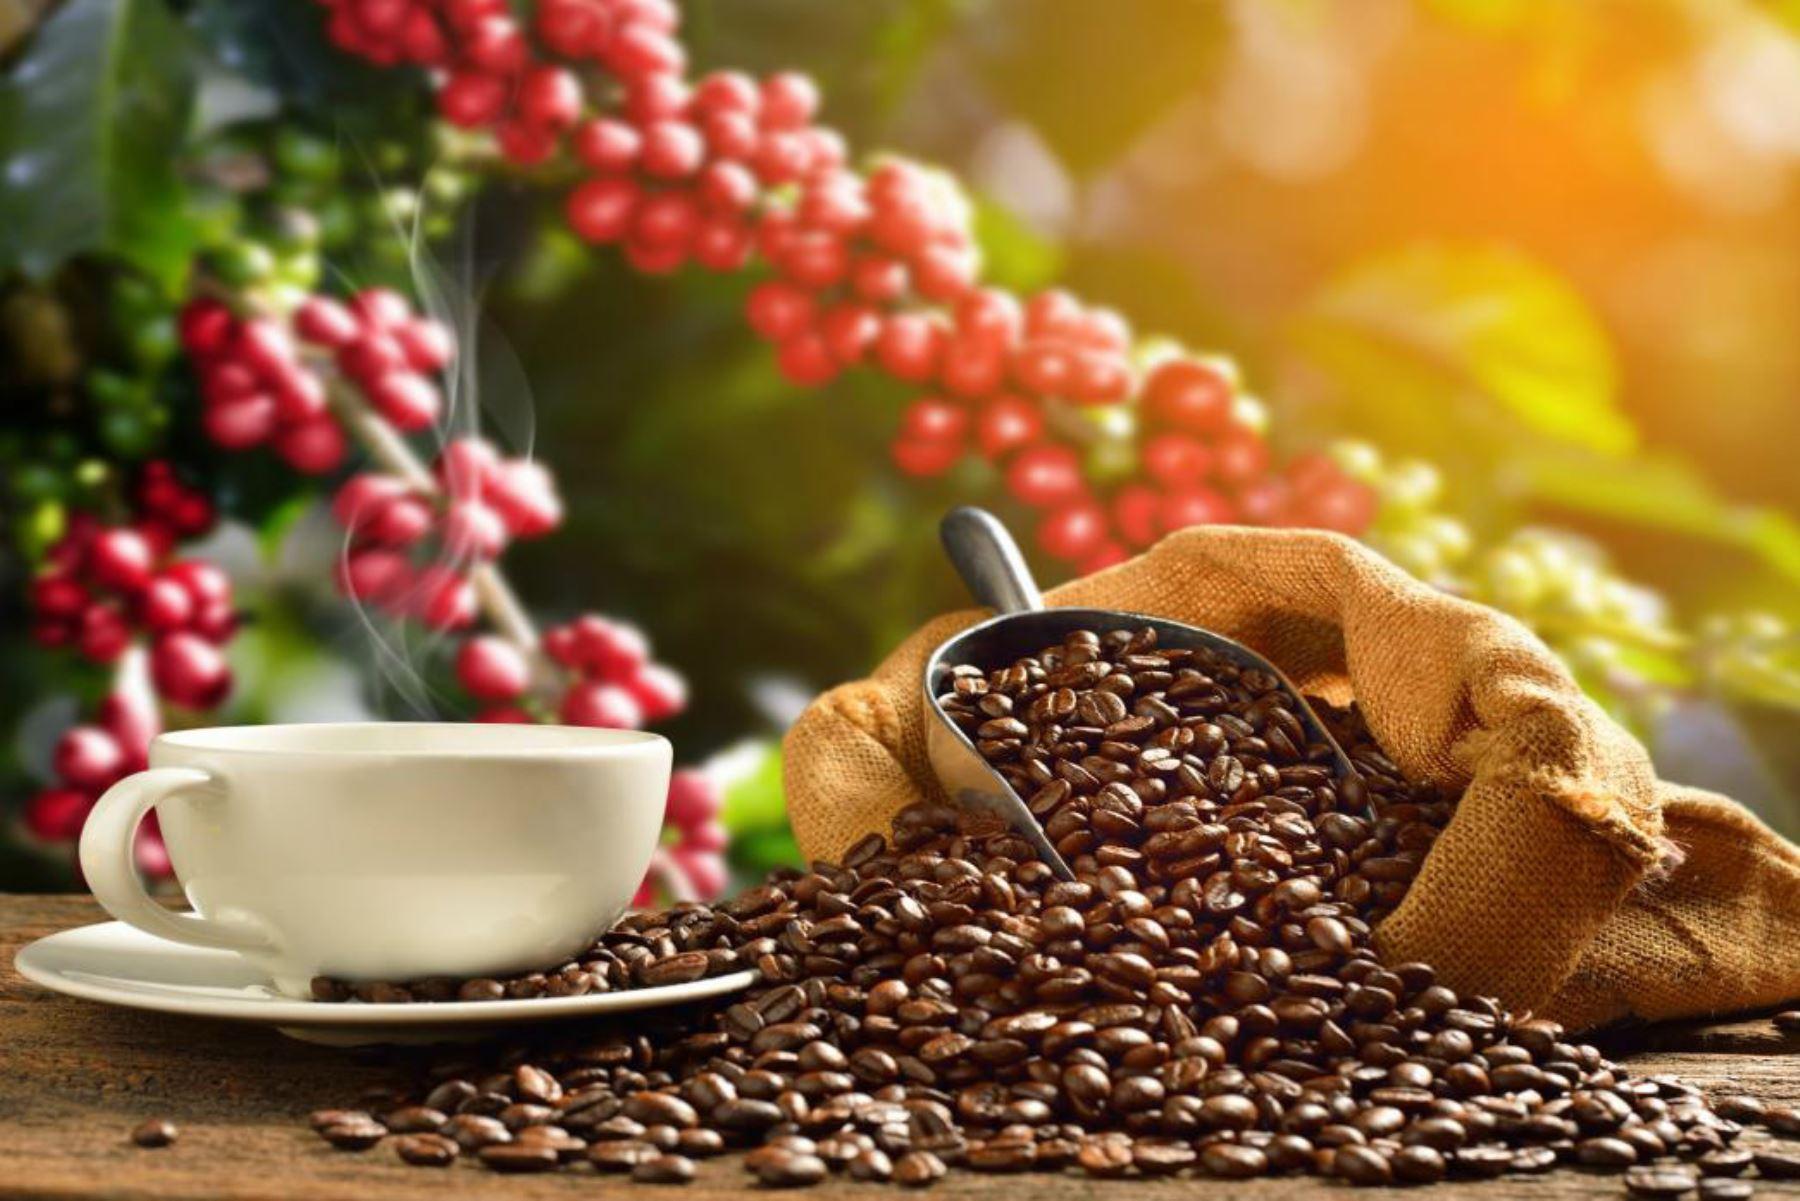 Día del Café peruano: conoce cómo se cultiva y procesa el café de alta calidad. ANDINA/Difusión